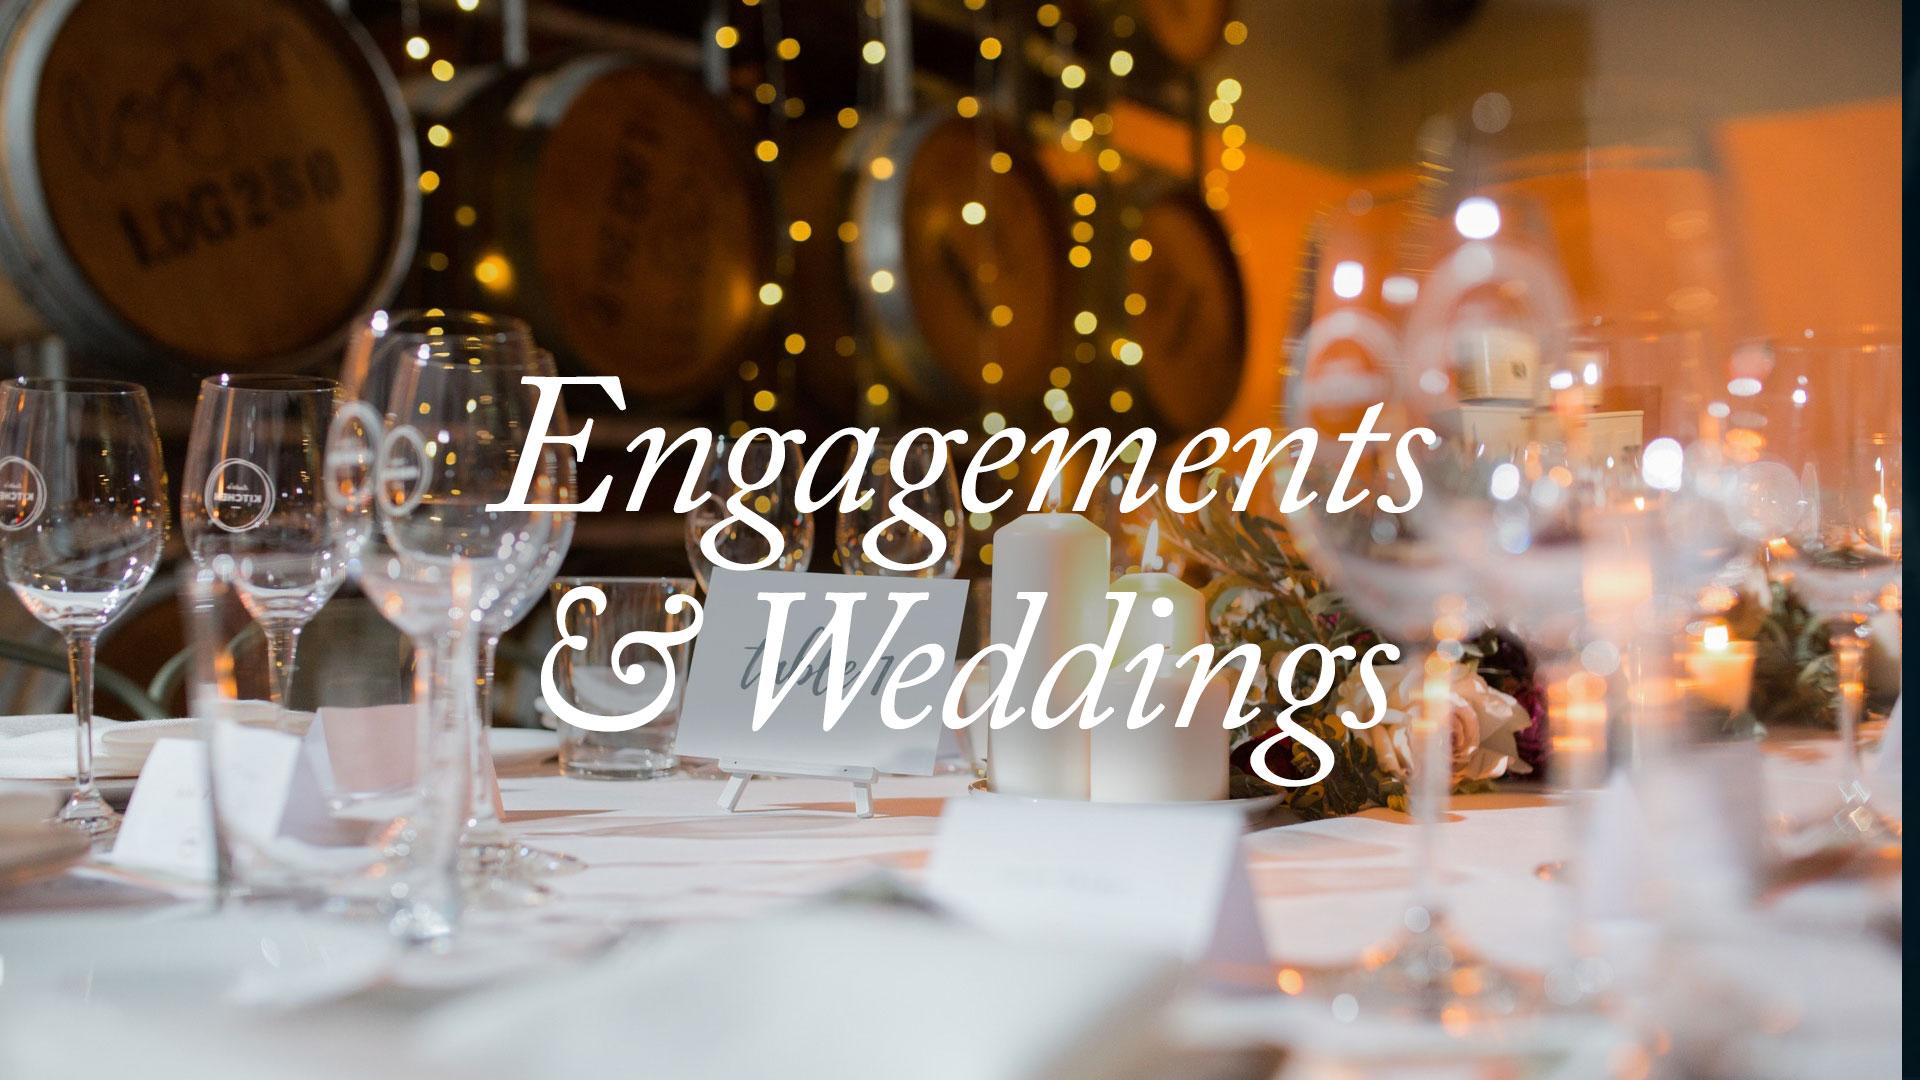 Engagements-&-Weddings.jpg